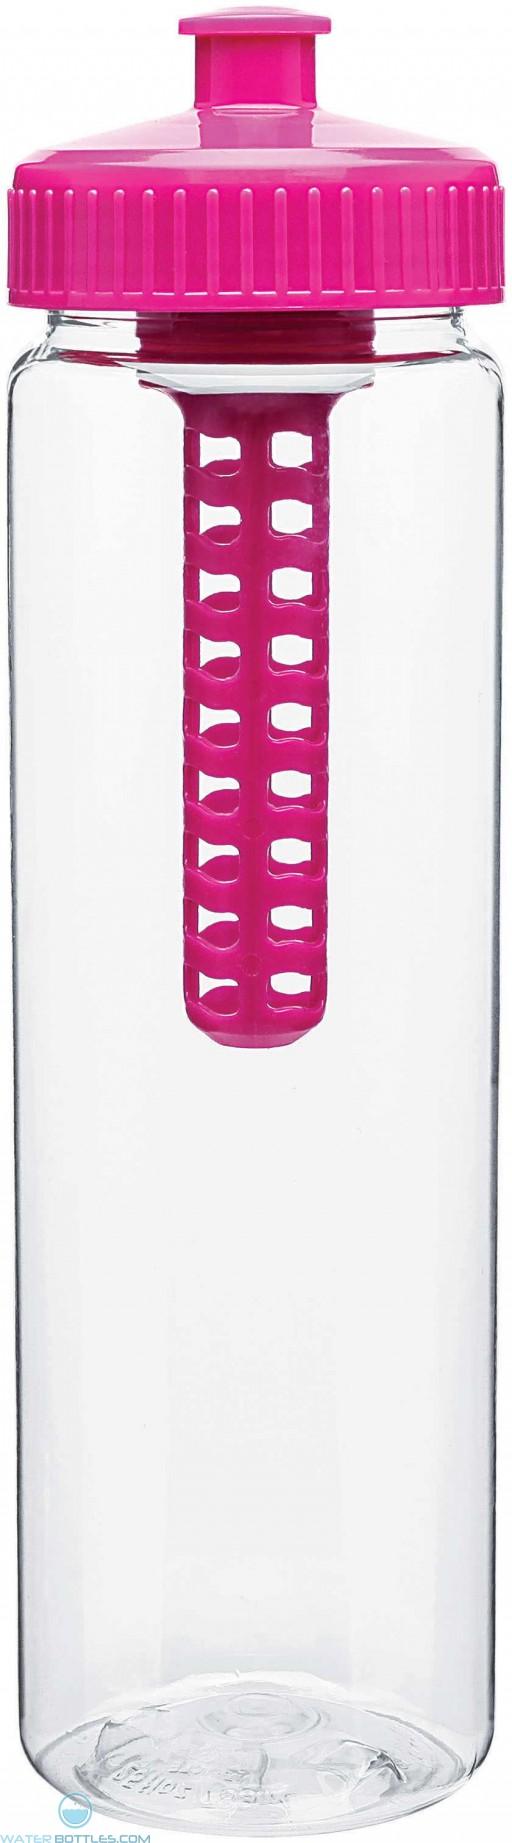 H2Go Ultra Coconut Filter Bottles | 25 oz - Pink